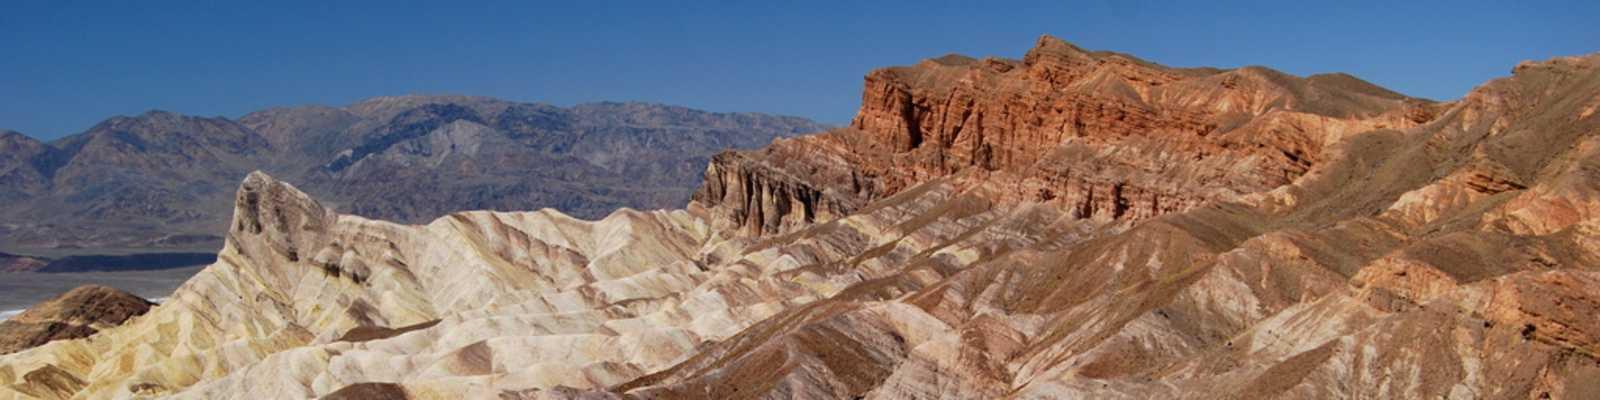 Impressionen Death Valley